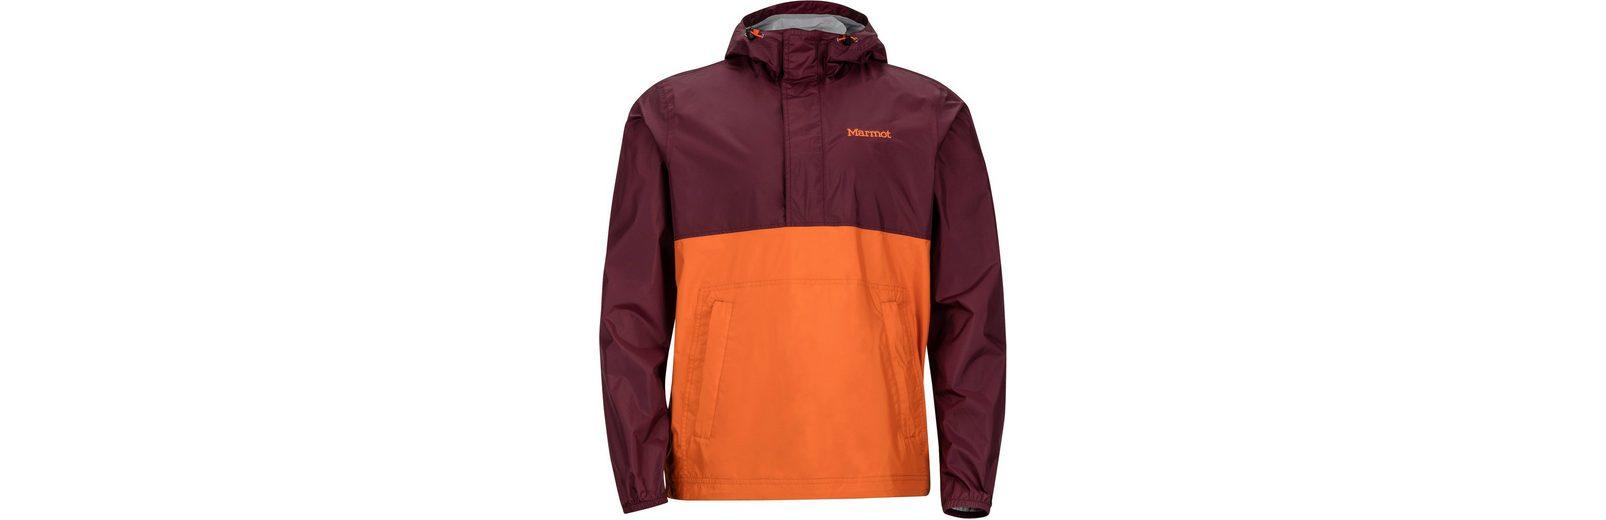 Marmot Outdoorjacke PreCip Anorak Men Mode Günstig Online Günstig Kaufen Aus Deutschland Freies Verschiffen Kaufen Äußerst q1dL8y